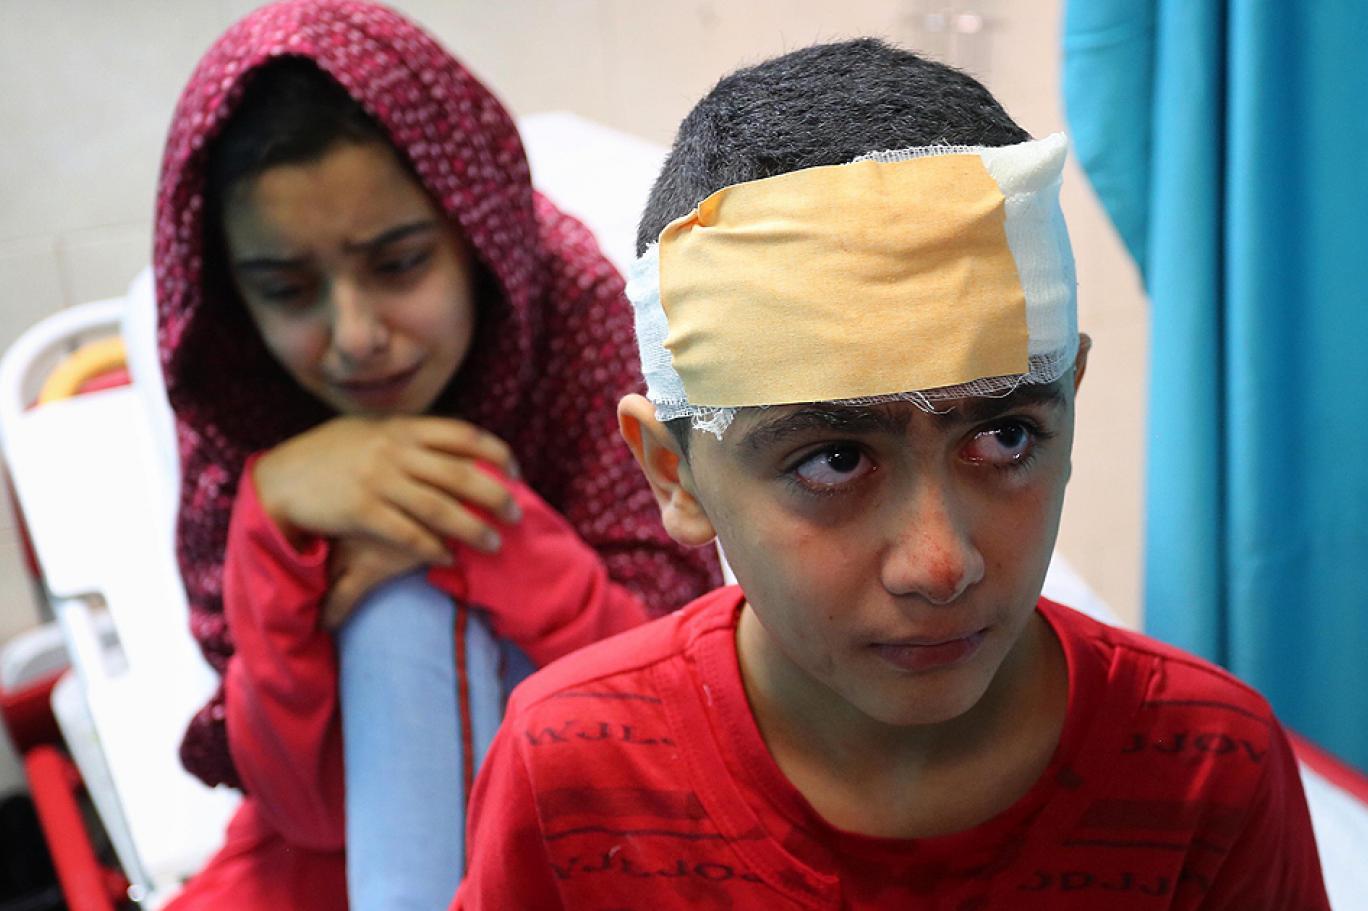 Filistin'de şehit sayısı 200'e yaklaştı: 58 çocuk öldürüldü